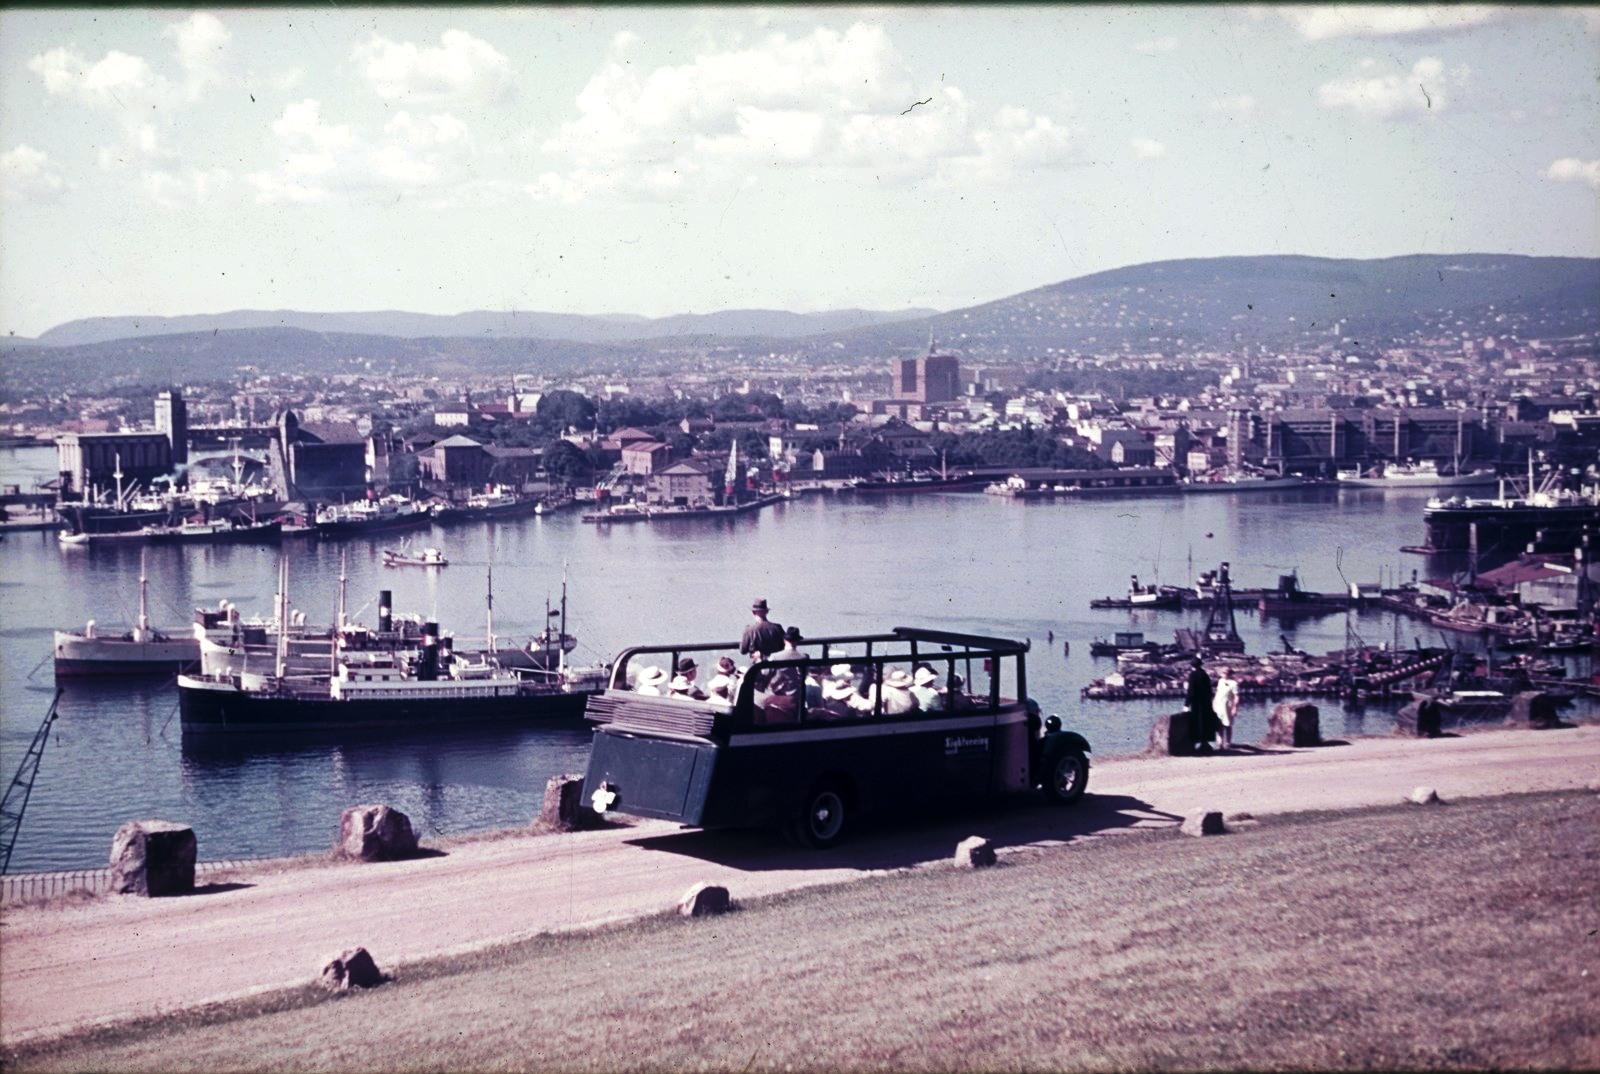 Осло. Вид на гавань и город. На переднем плане экскурсионный автобус